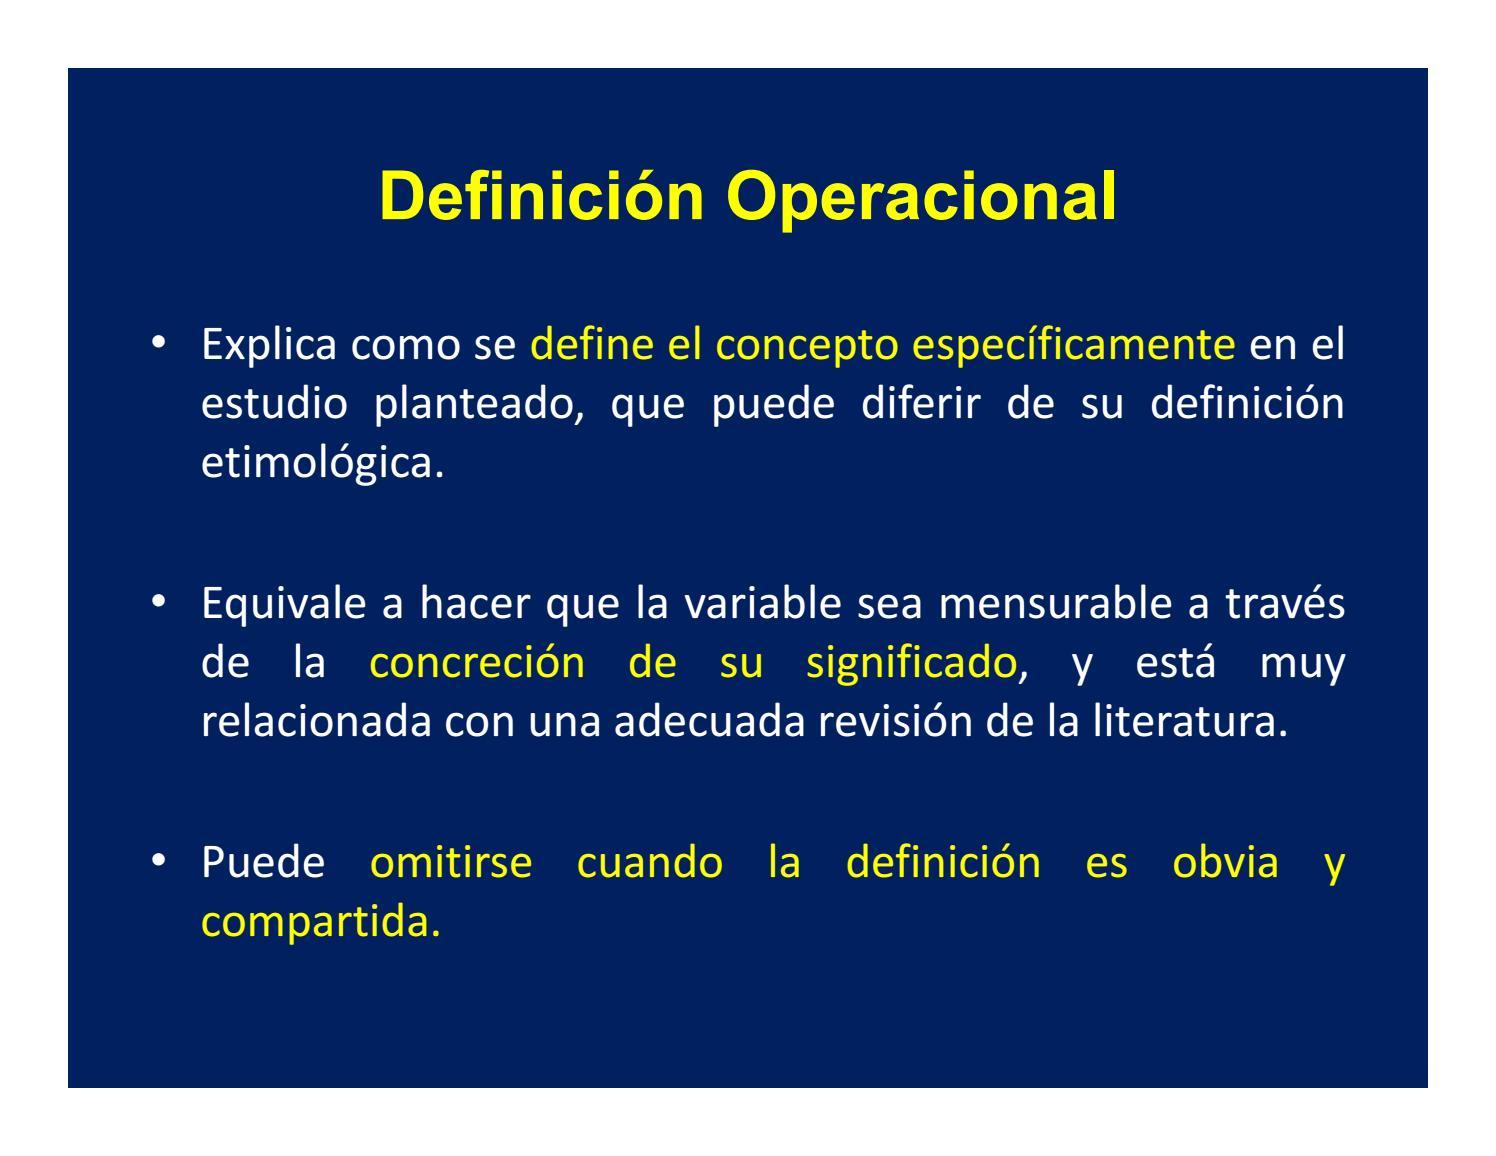 Como hacer una definicion operacional